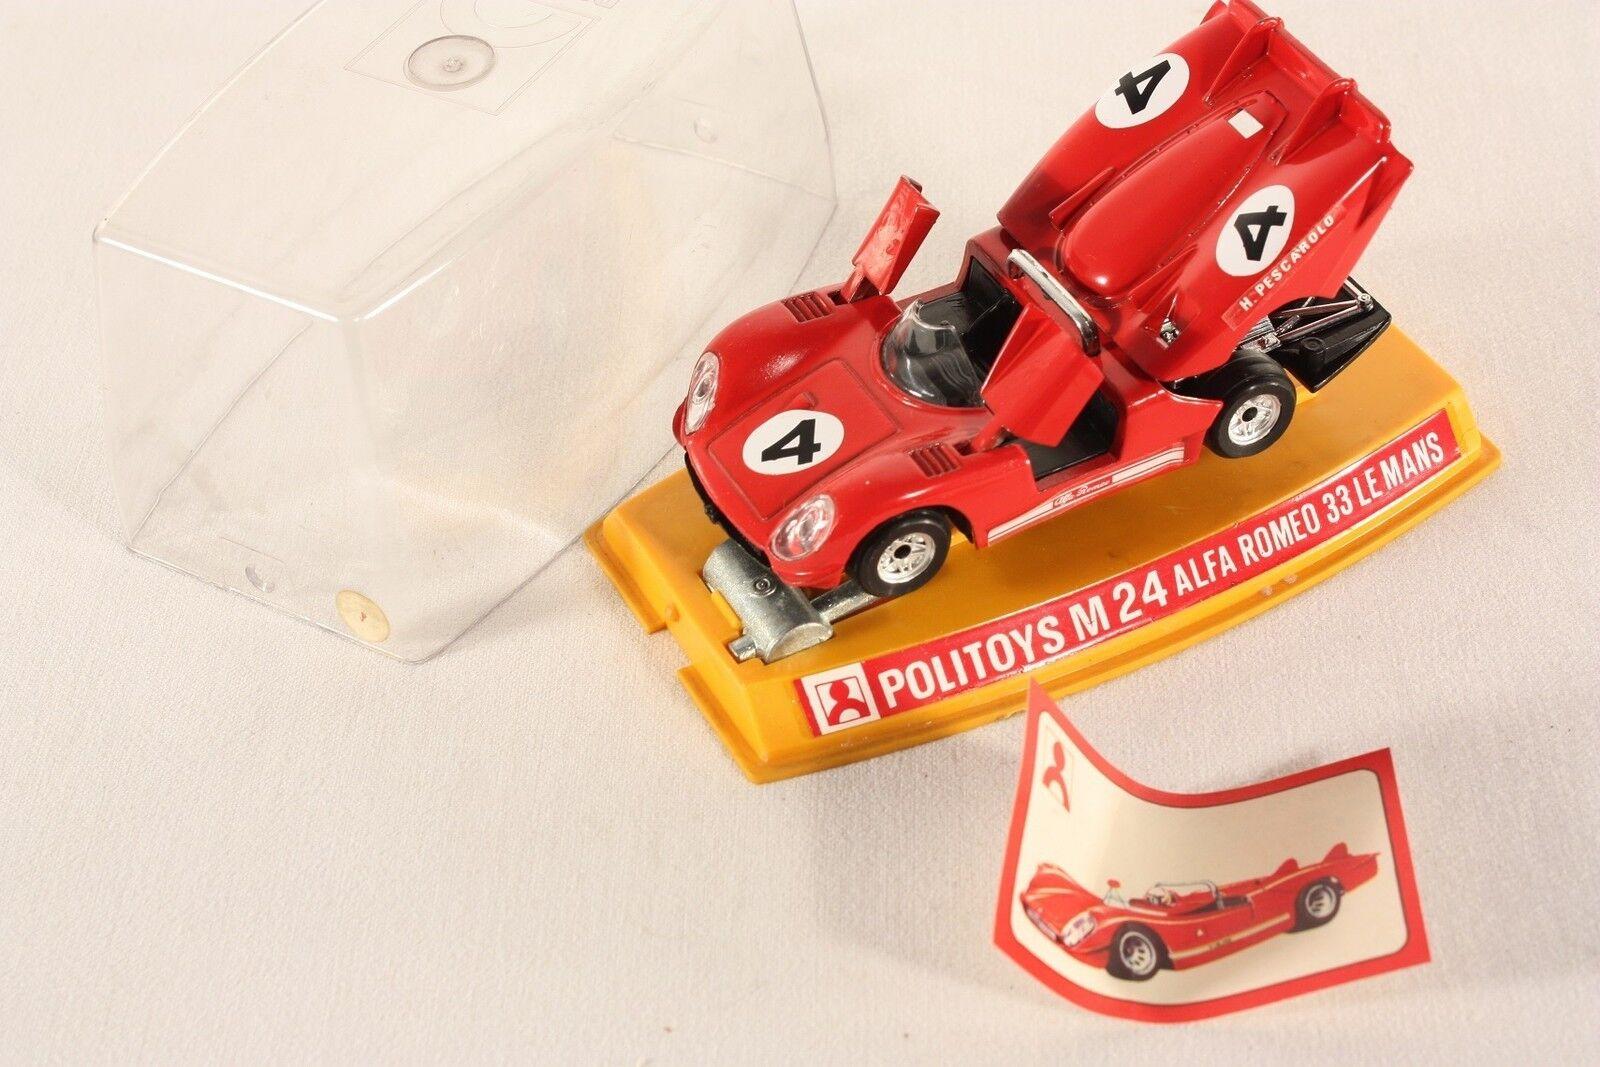 Politoys M 24, Alfa Romeo 33 Le Mans, Mint in Box      ab710